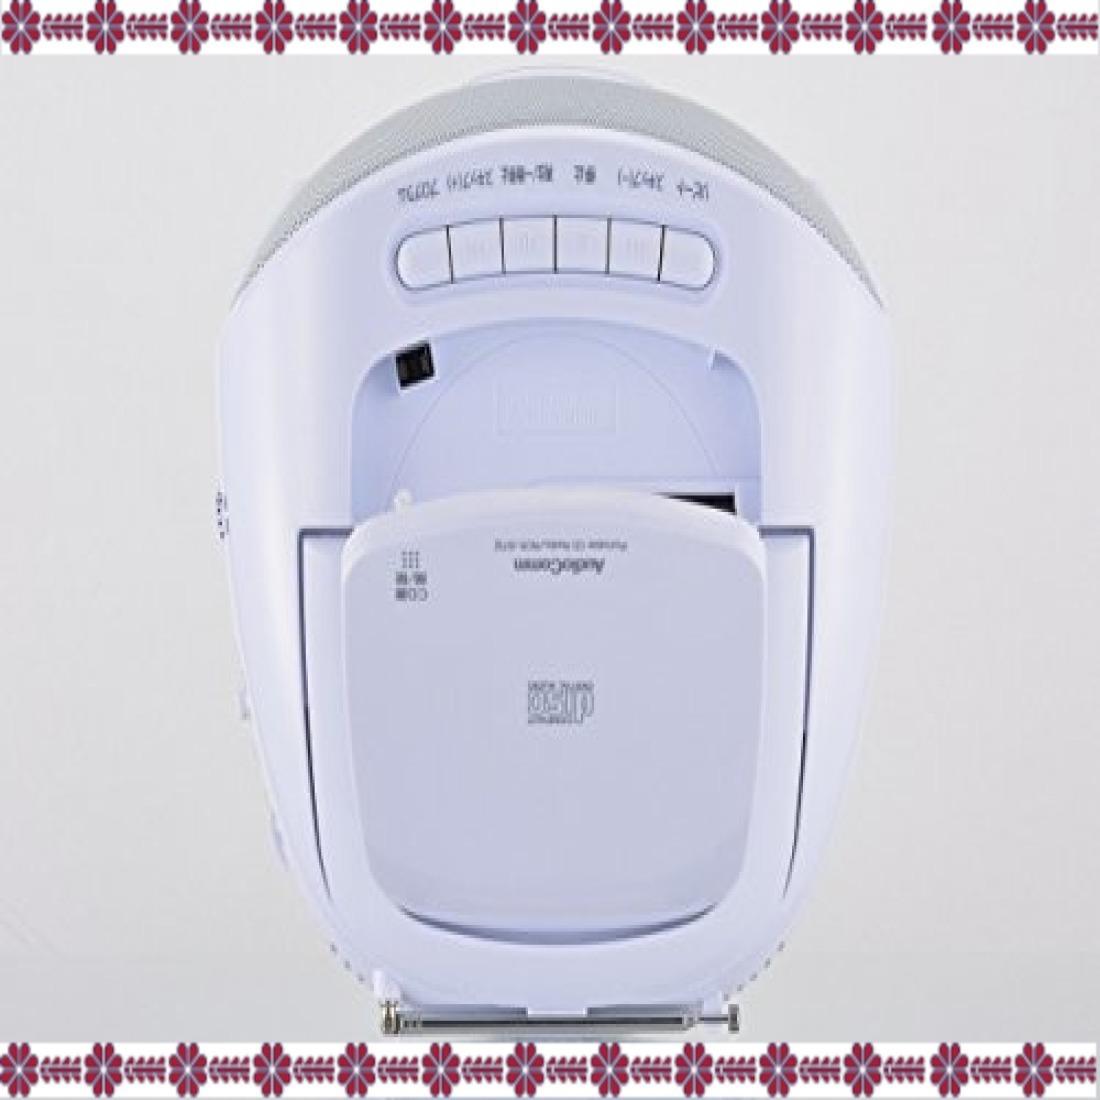 ホワイト 幅231×高さ116×奥行218mm オーム電機 Audio Comm CDラジオ871Z RCR-871Z ホワイト_画像4